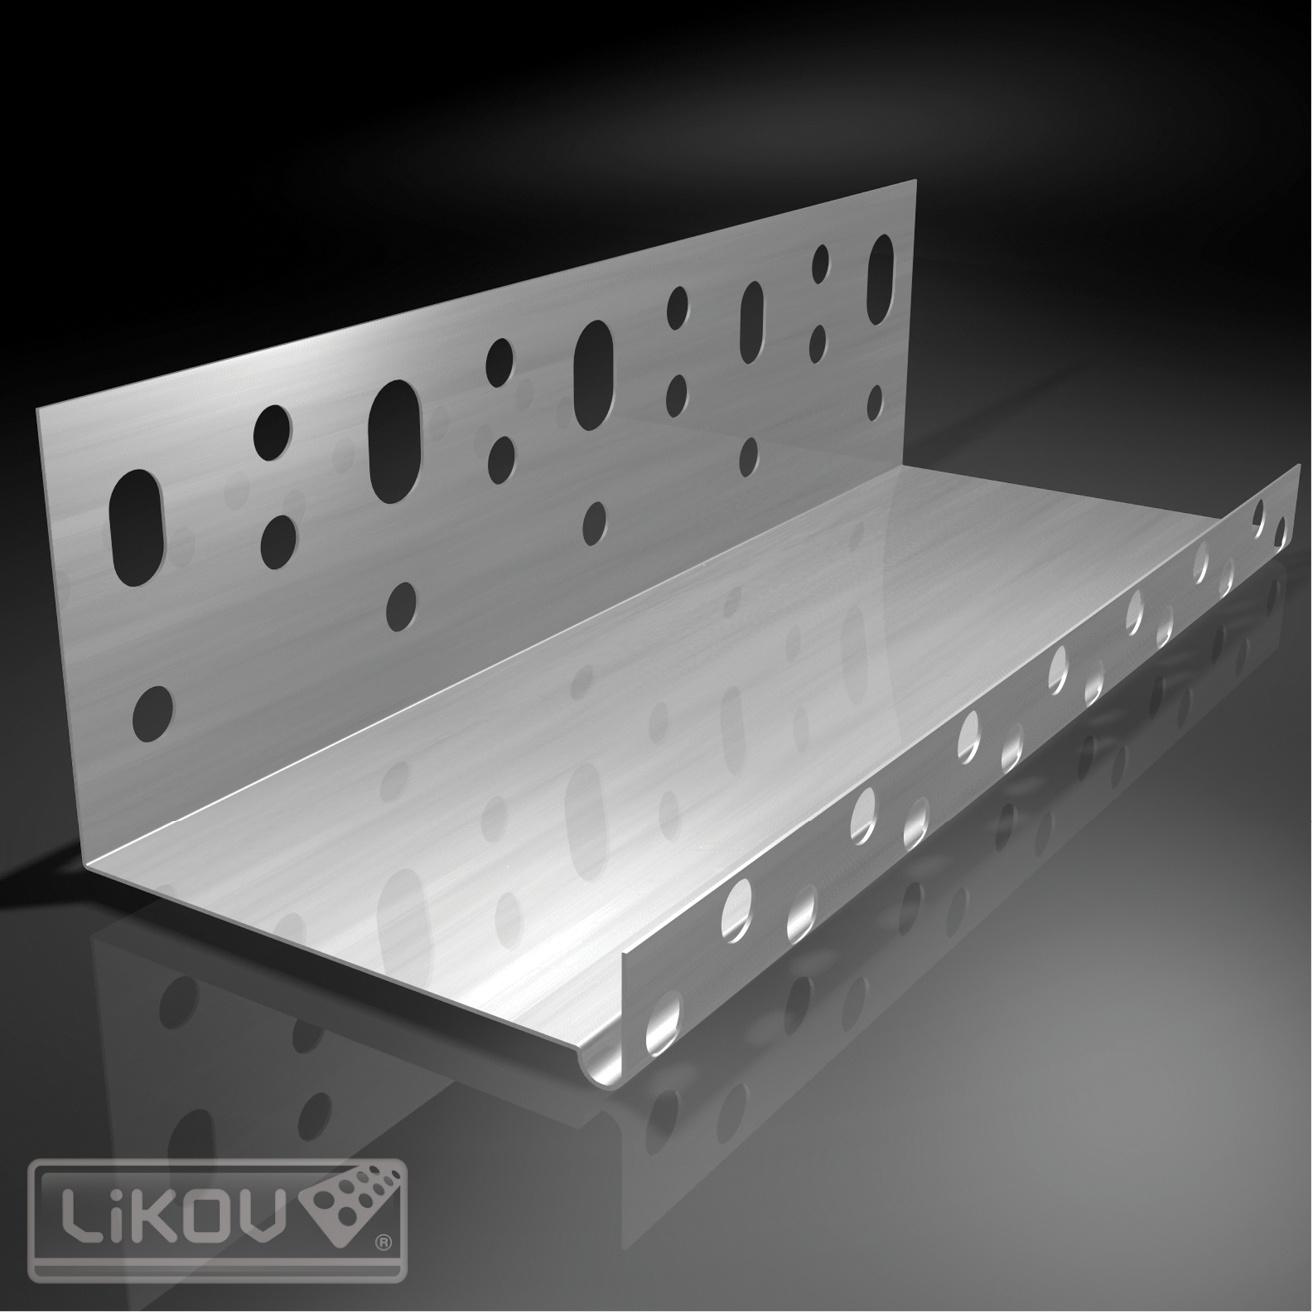 Likov Soklový zakládací profil LO 23 mm/07 - 2 m